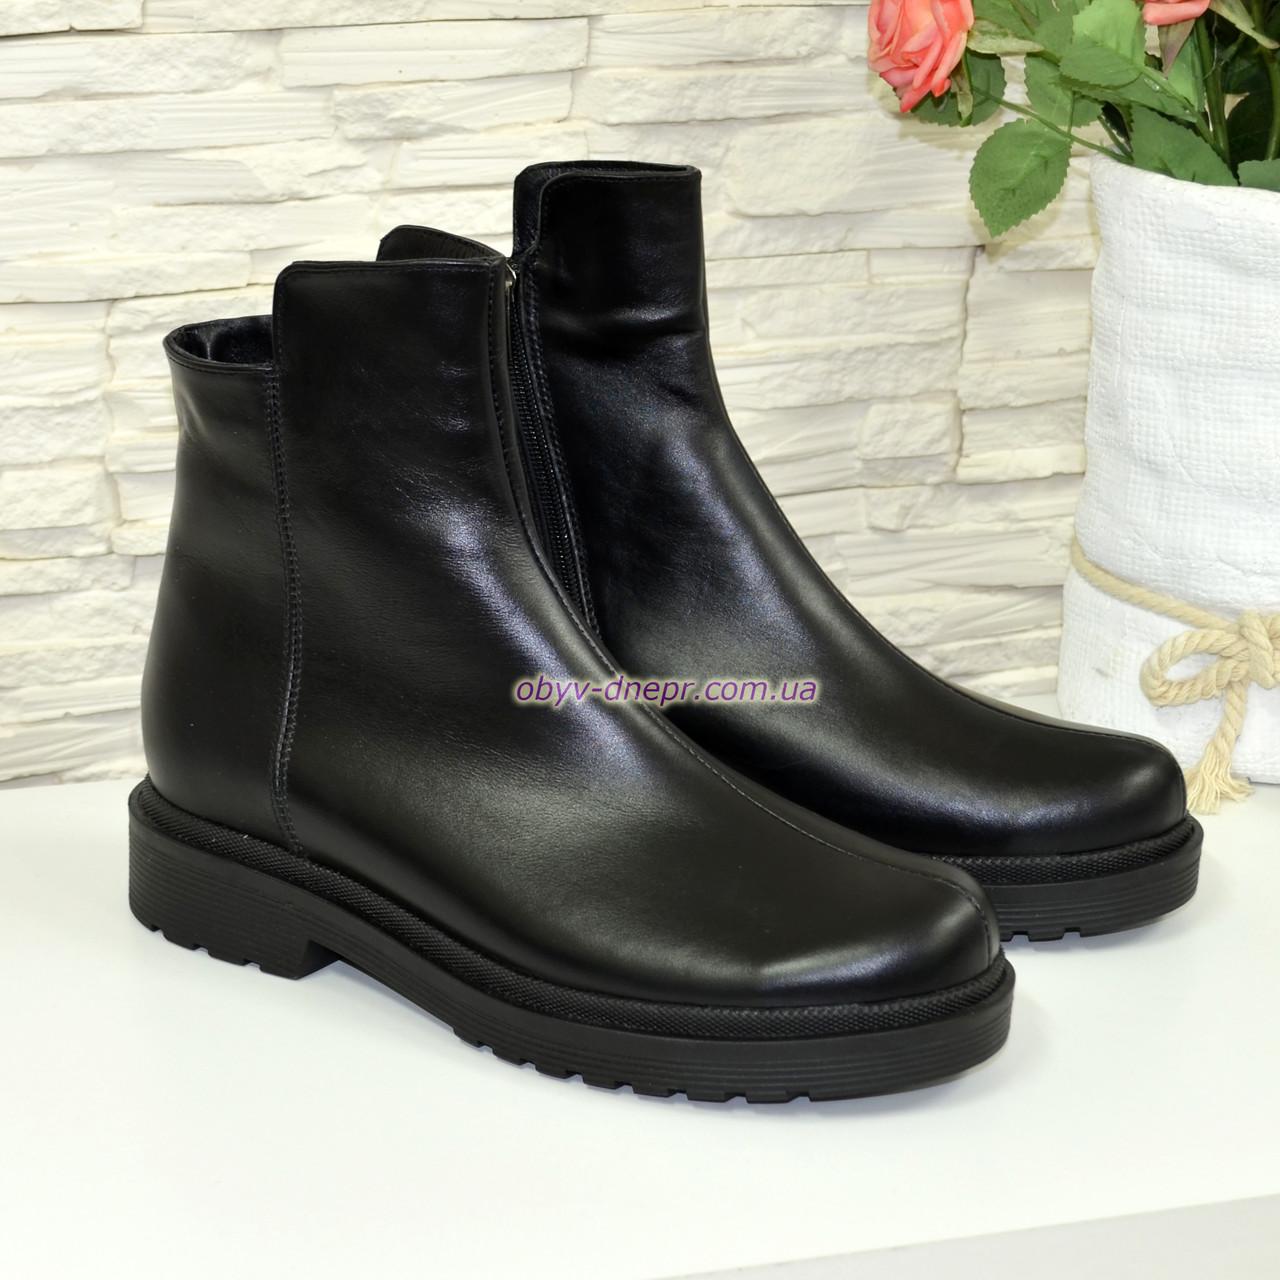 Ботинки женские кожаные зимние на маленьком каблуке, цвет черный